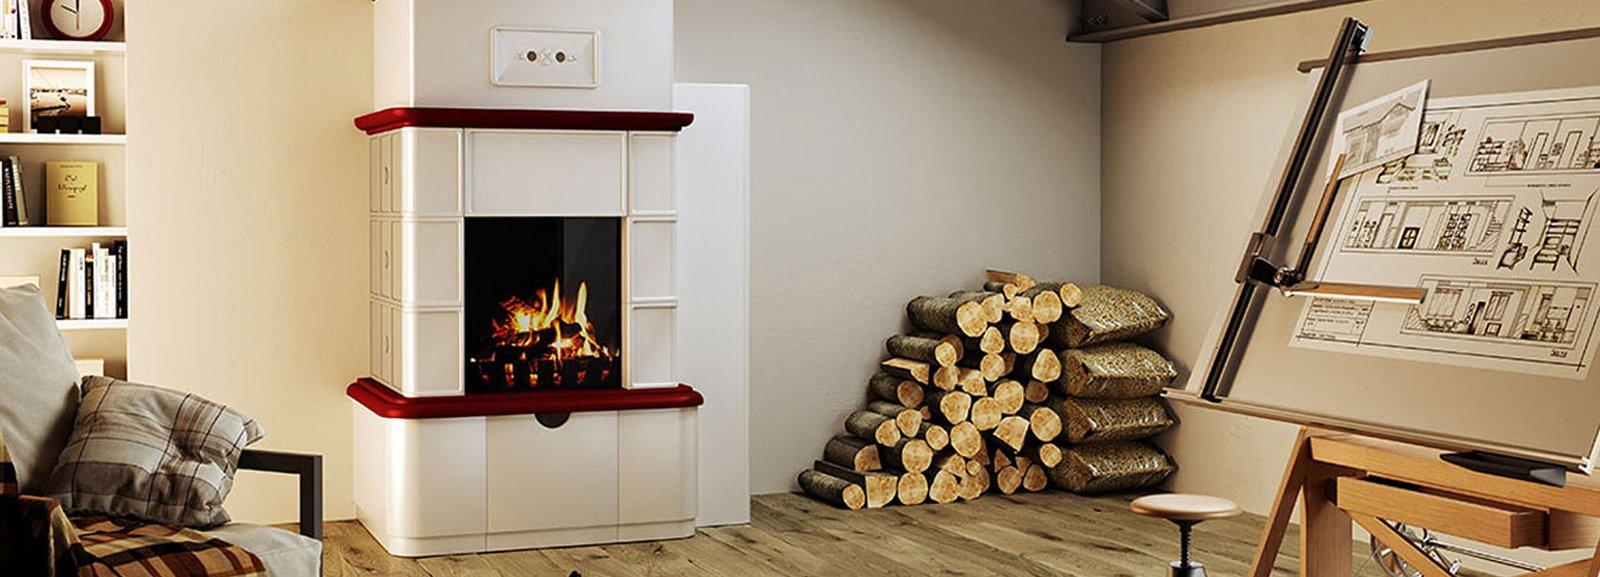 Progetto fuoco 2014 accende la fiera di verona cose di casa for Fiera arredamento verona